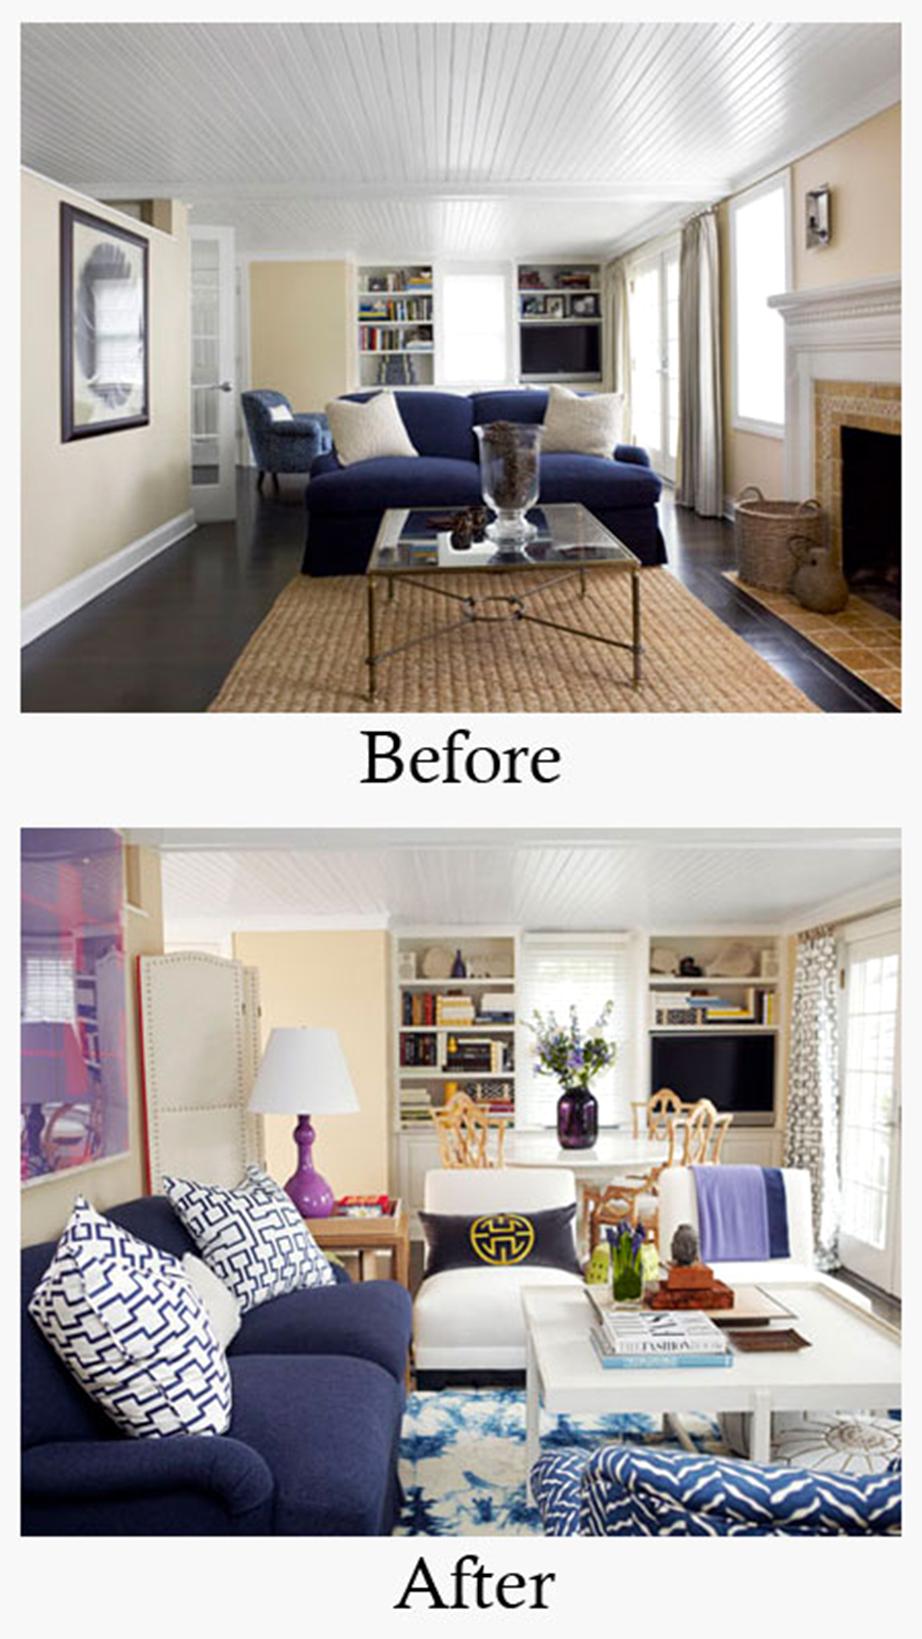 Αναδιάταξη των επίπλων με προσθήκη κι άλλων, χρωματικές επεμβάσεις στις λεπτομέρειες χωρίς αλλαγή χρώματος των τοίχων. Από το House Beautiful.